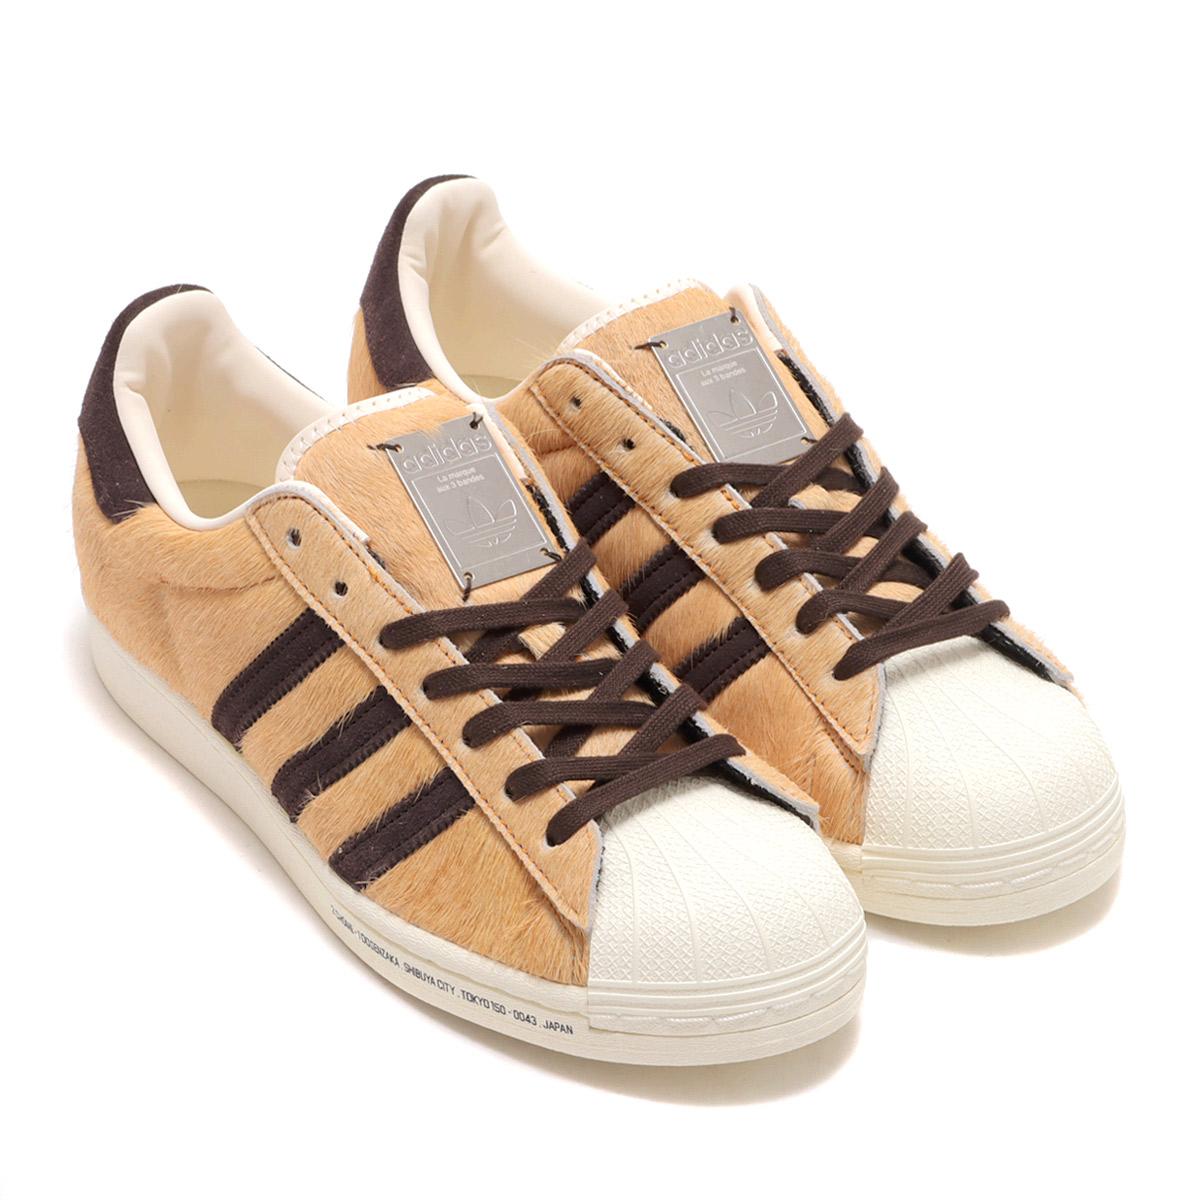 adidas-originals-shibuya-pack%e7%ac%ac%e4%b8%89%e5%bc%be12-2